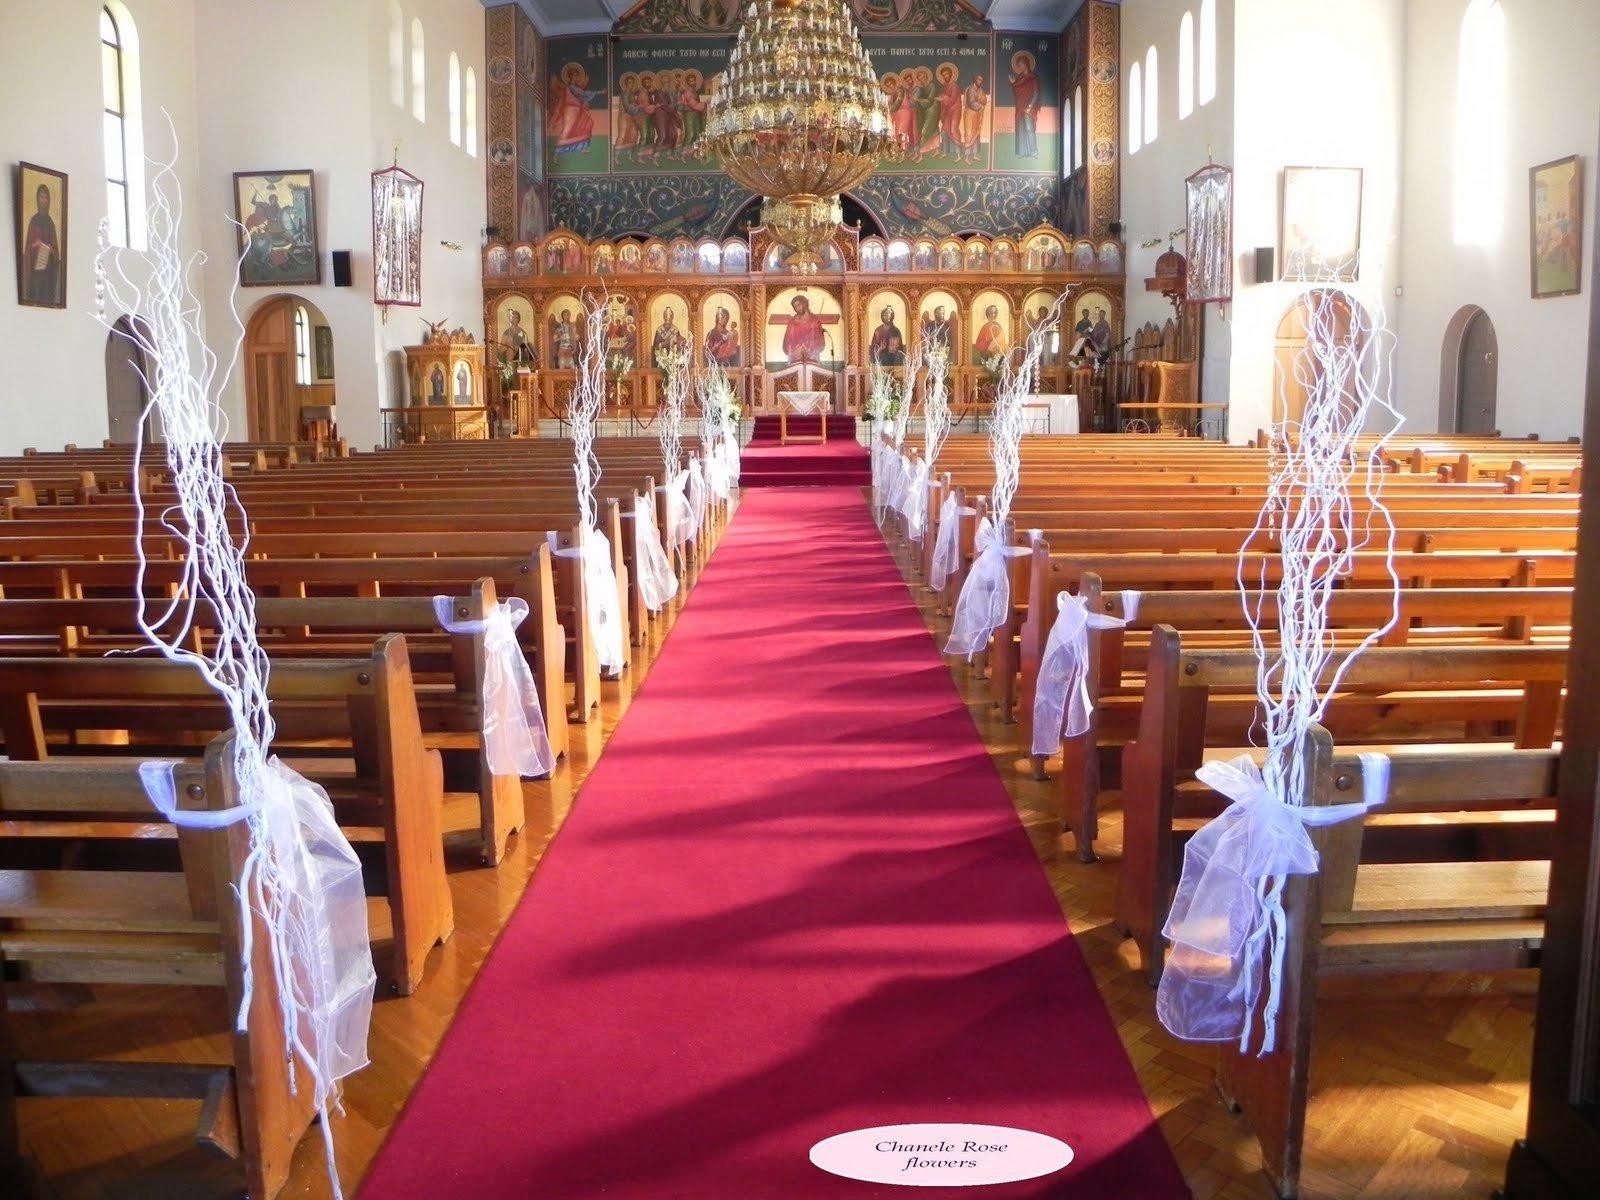 10 Great Wedding Decoration Ideas For Church beautiful church wedding decorations ideas on wedding church 2020